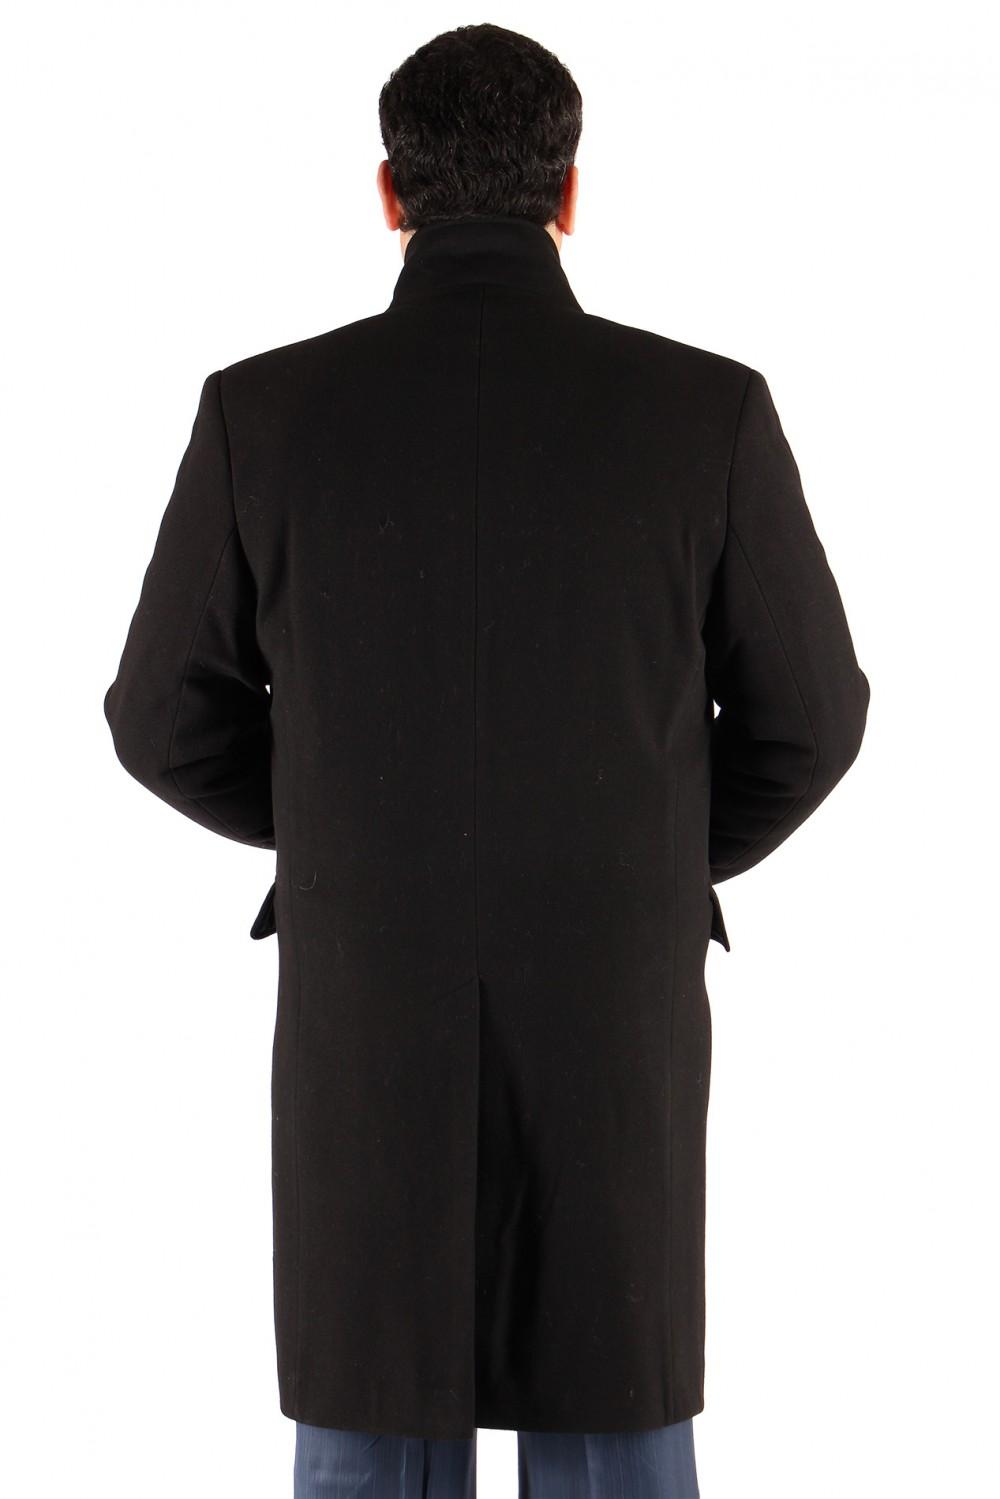 Купить оптом Пальто мужское черного цвета M-23Ch в Екатеринбурге